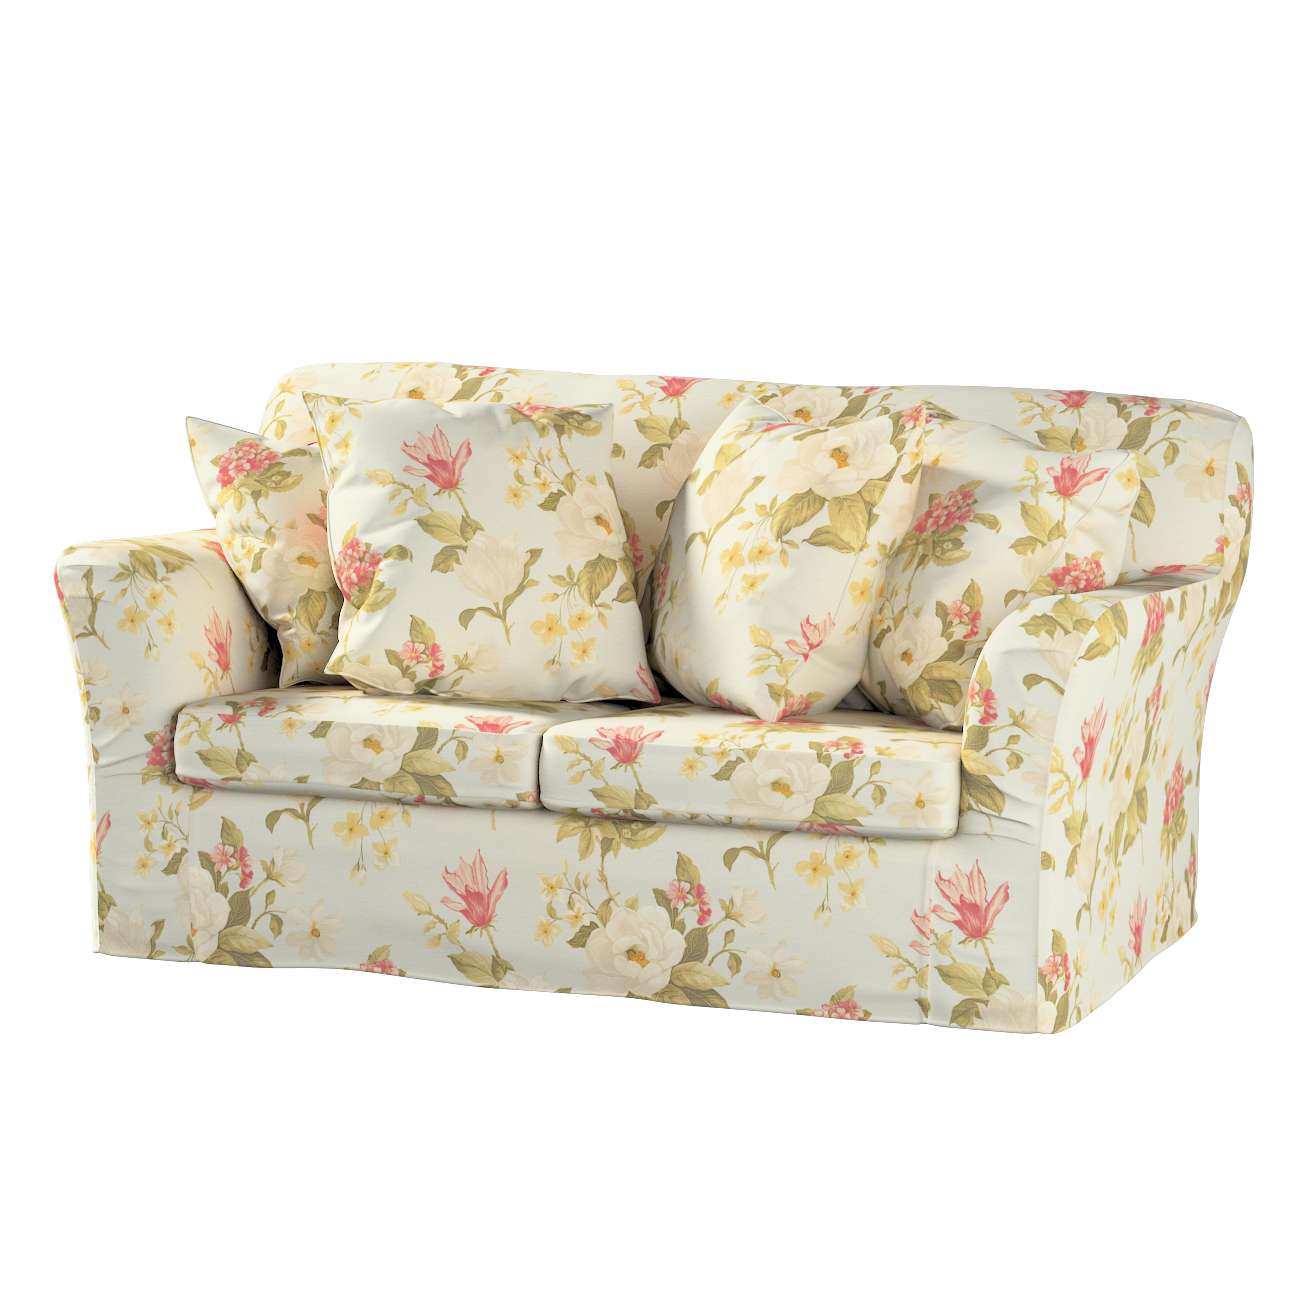 TOMELILLA  dvivietės sofos užvalkalas TOMELILLA dvivietė sofa kolekcijoje Londres, audinys: 123-65